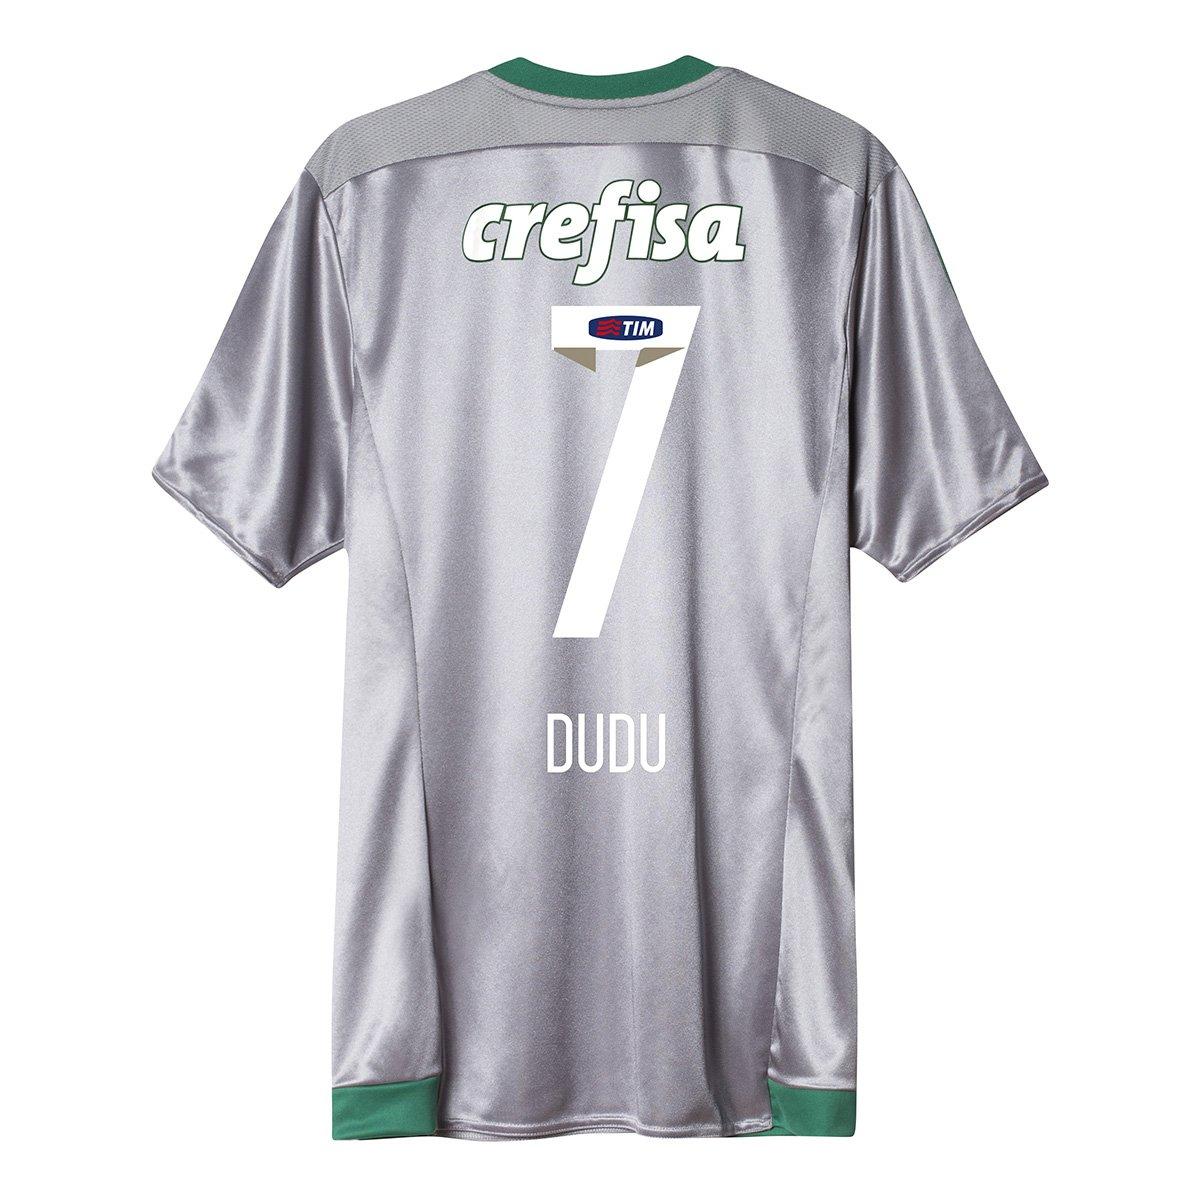 Camisa Adidas Palmeiras III 15 16 nº 7 - Dudu - Compre Agora  238347f3c1b43